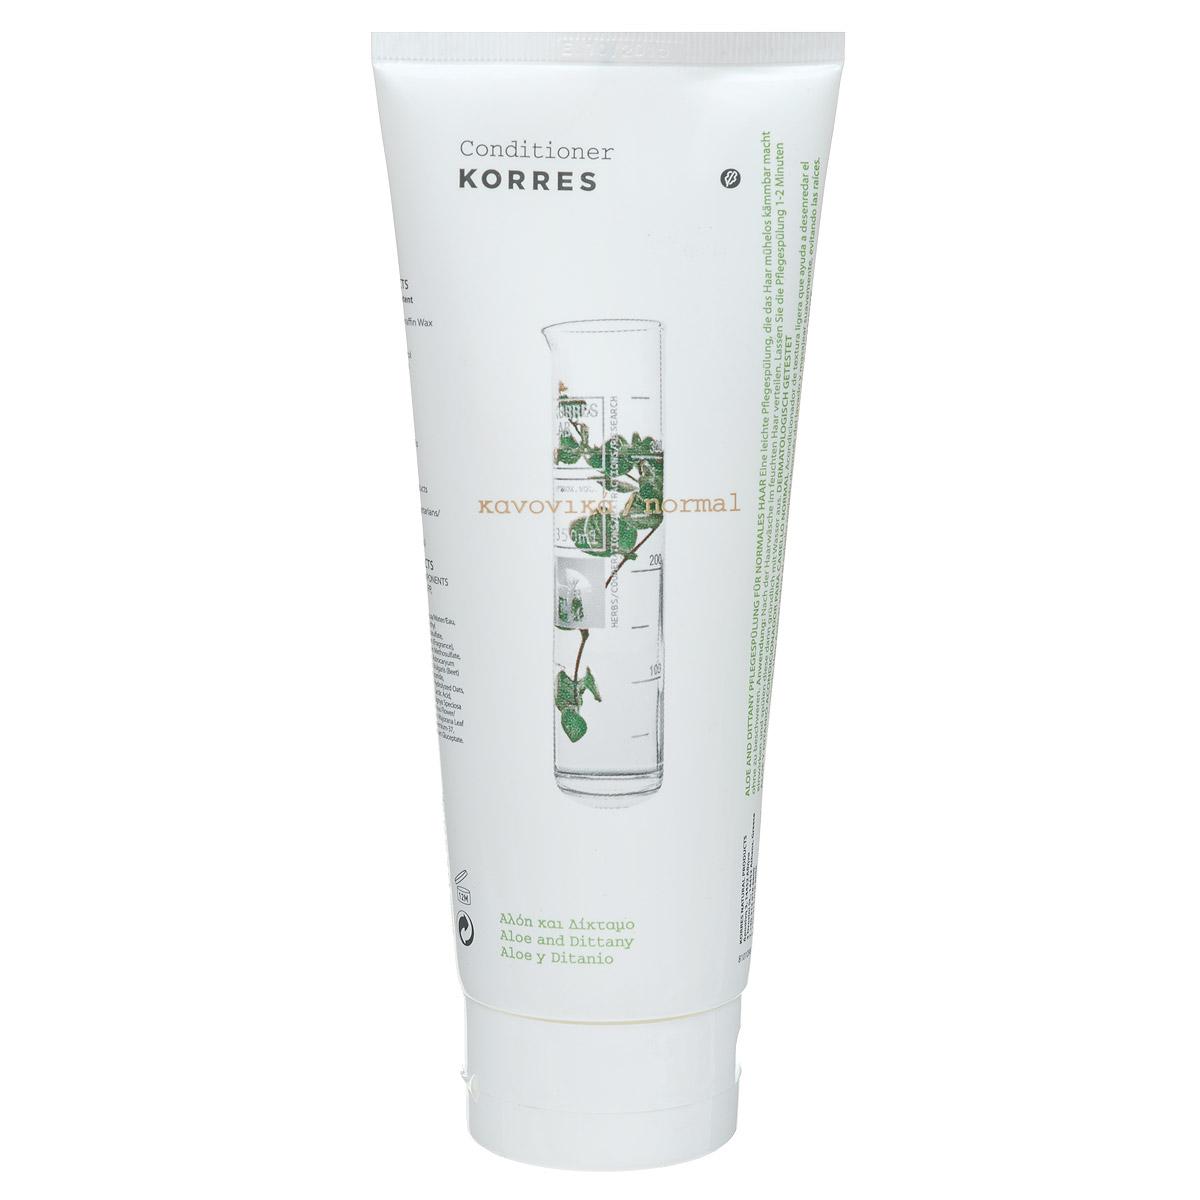 Korres Кондиционер для нормальных волос, с алоэ и диким бадьяном, 200 млFS-0089790,5% натуральных ингредиентов. Мягкое отшелушивающее средство для ежедневного использования. Эффективно удаляет излишки себума, загрязнения, макияж, а также омертвевшие клетки. Делает кожу гладкой и сияющей. Не содержит мыла, не сушит кожу. Почему именно дикая роза стала основой линии? Дикая роза, богатая витамином С, выравнивает тон кожи, предупреждает появление пигментации и появление первых признаков старения; Масло дикой розы обеспечивает длительное увлажнение, обладает противоспалительным действием и смягчает кожу; Масло дикой розы образует защитную пленку на коже, которая способствует регенерации клеток и улучшает текстуру кожи.Небольшое количество средства нанести на чистые влажные волосы. Равномерно распределить кондиционер по длине волос. Оставить на 1-2 мин и смыть водой.